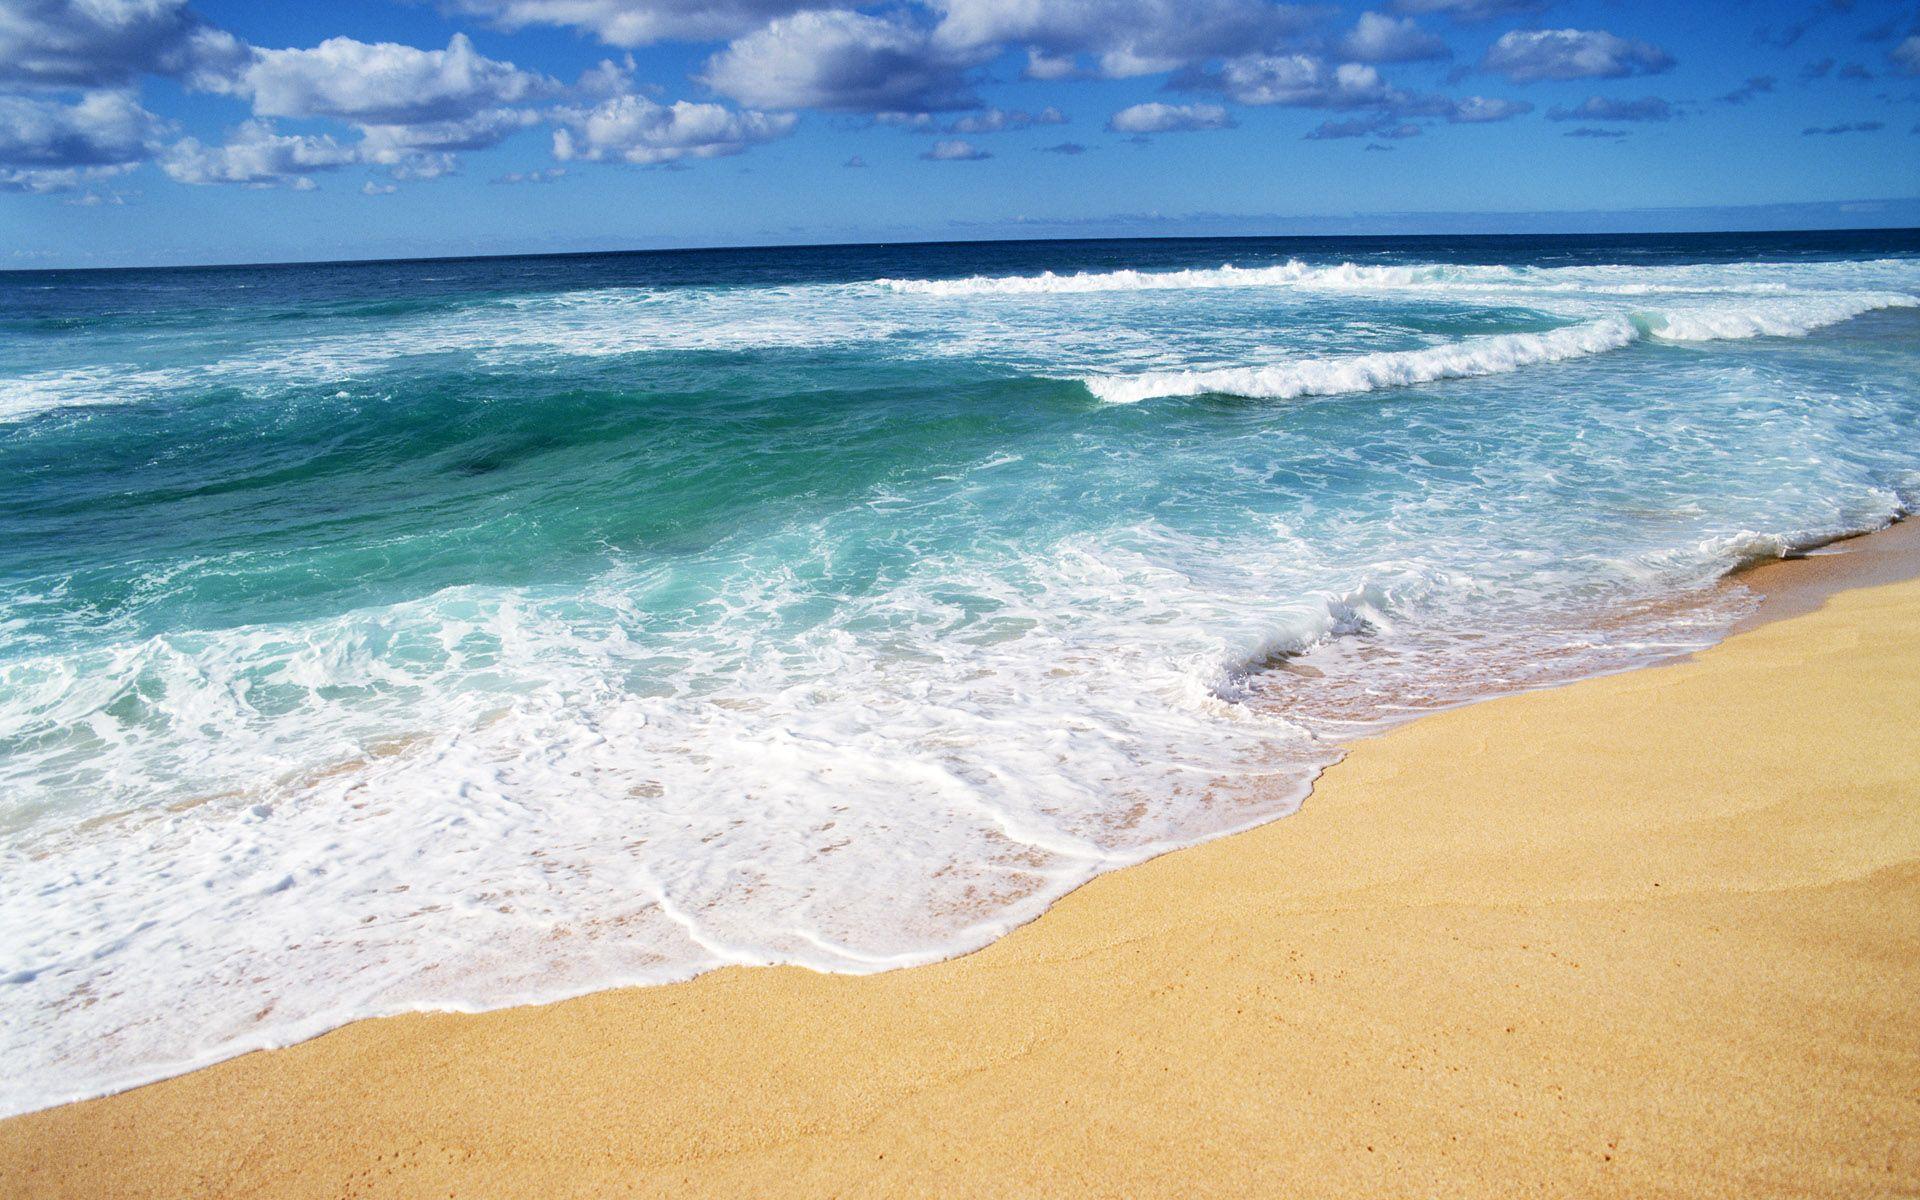 Waves And Beach Beach Wallpaper Hawaii Beaches Beach Wallpaper beach waves sea sand coast